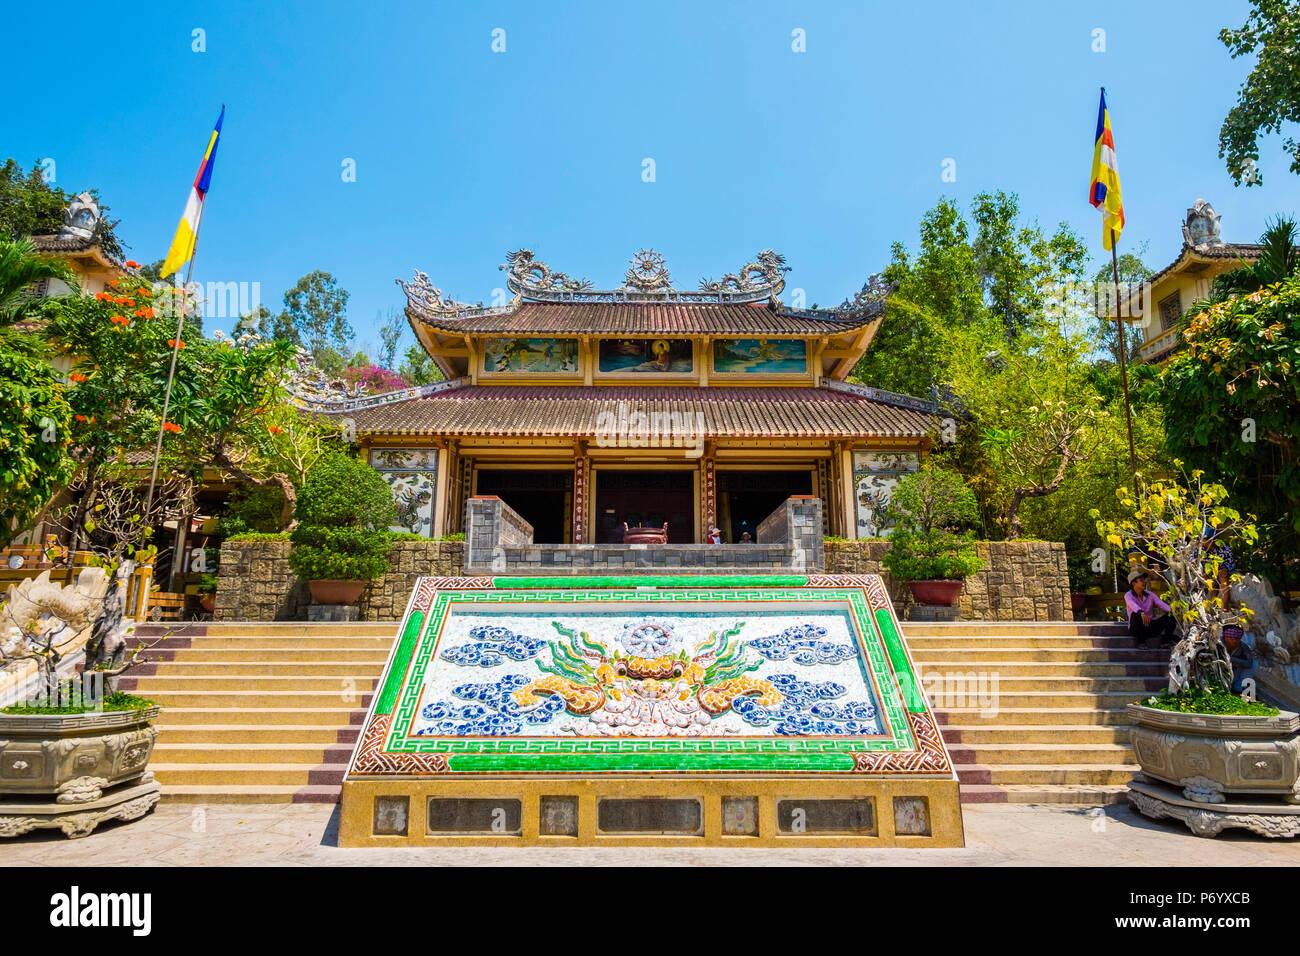 Long Sơn Pagoda (Chùa Long Sơn) Buddhist temple, Nha Trang, Khanh Hoa Province, Vietnam - Stock Image